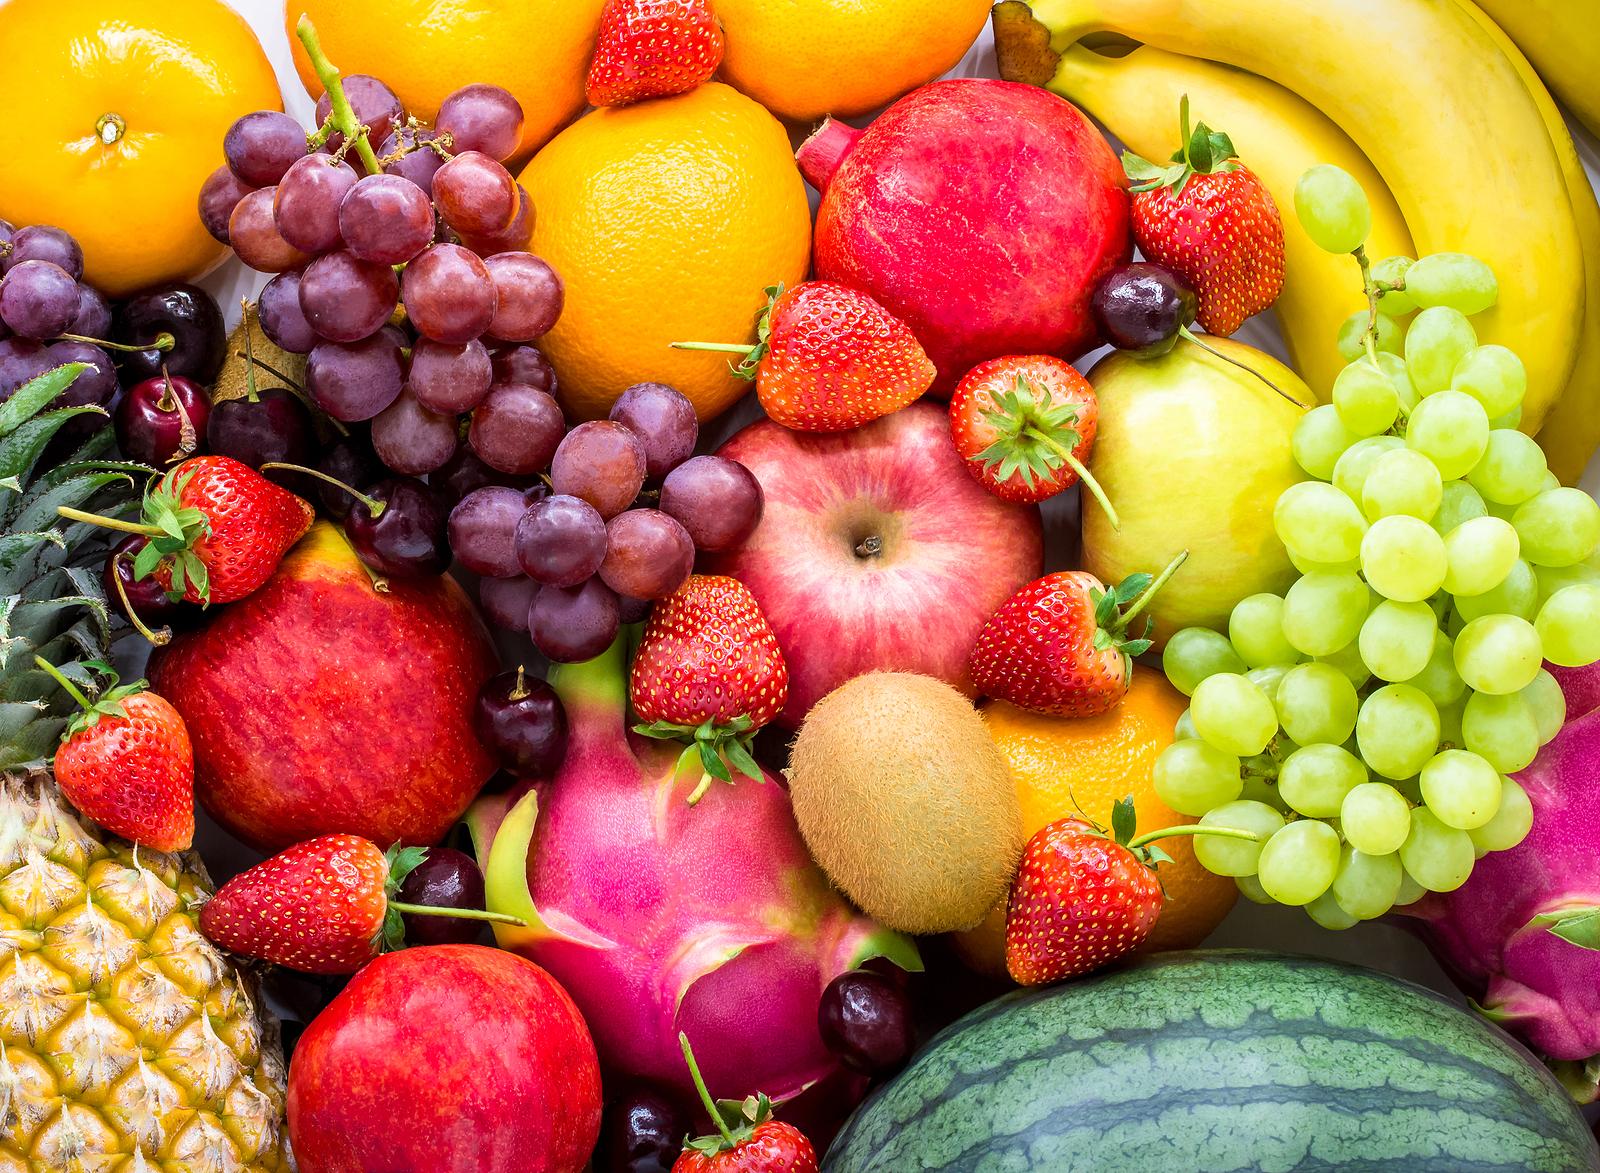 As frutas contribuem para a saciedade, funcionamento intestinal e melhor controle da glicemia e colesterol